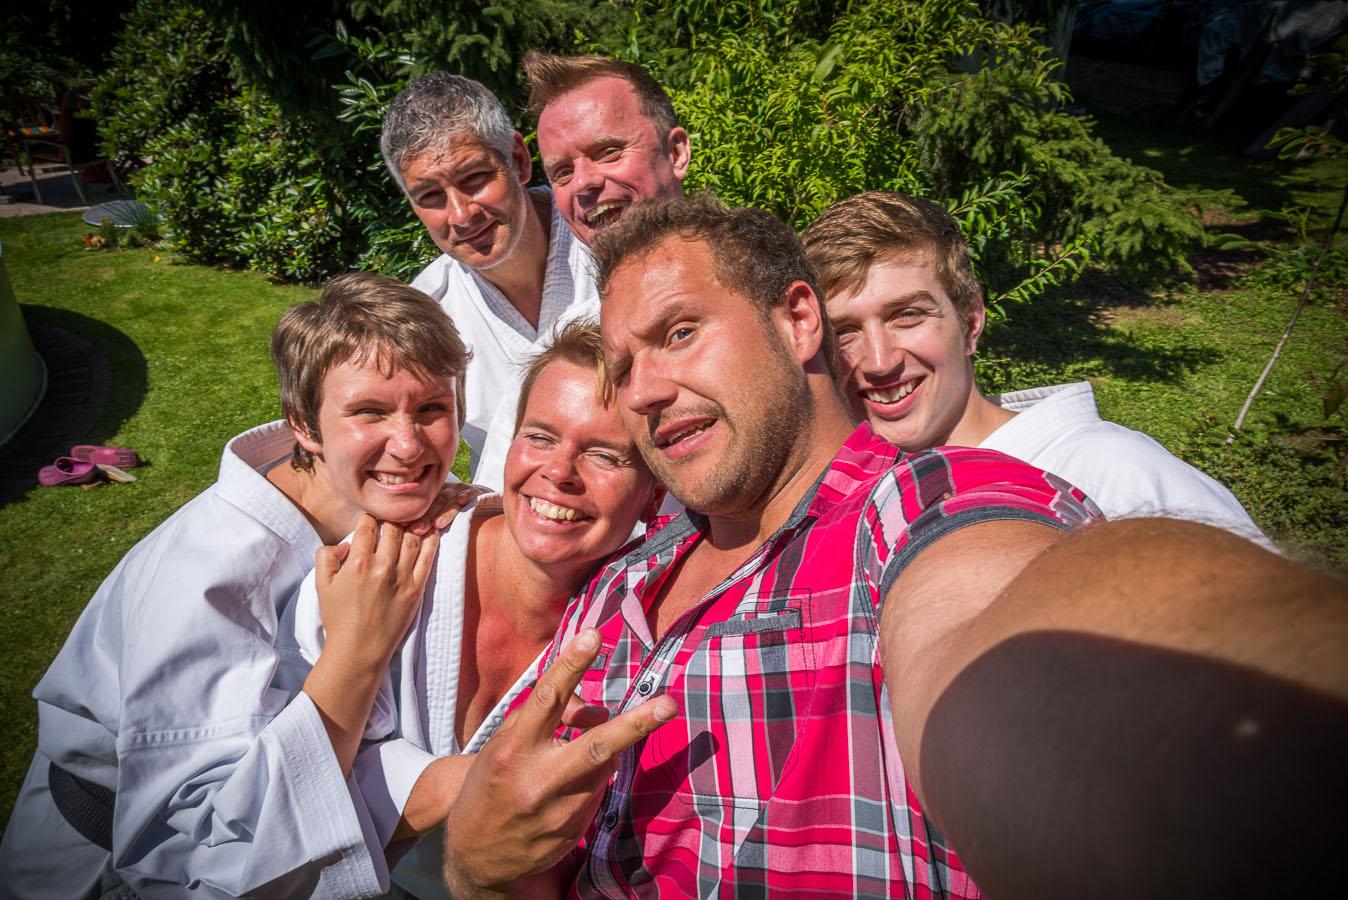 Fotoshooting im Garten mit Timo Wagner